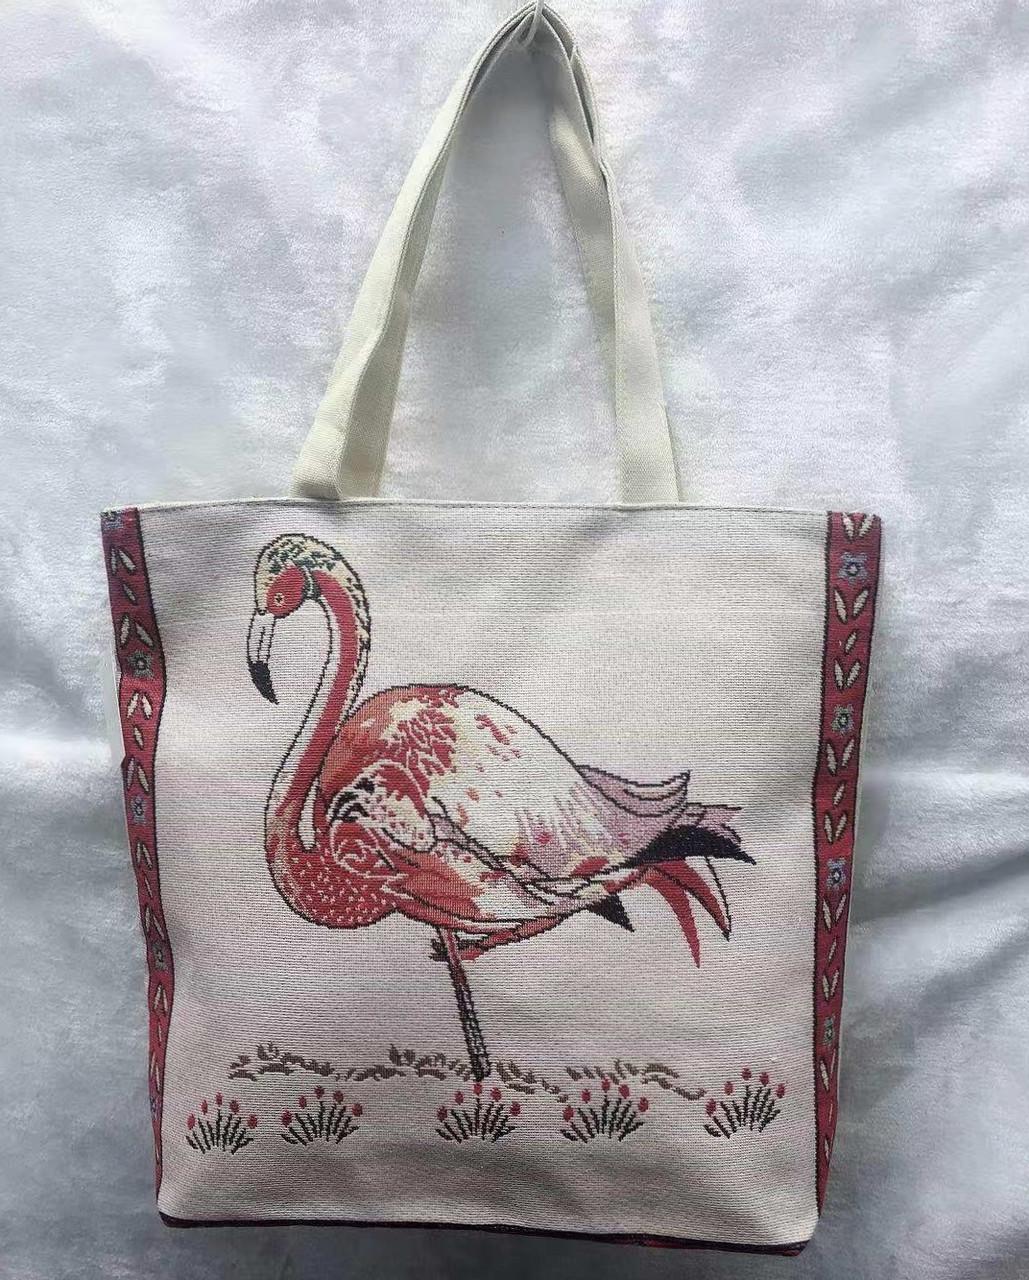 fc663ae7d1f9 Пляжная сумка женская с фламинго, цена 190 грн., купить в Одессе ...